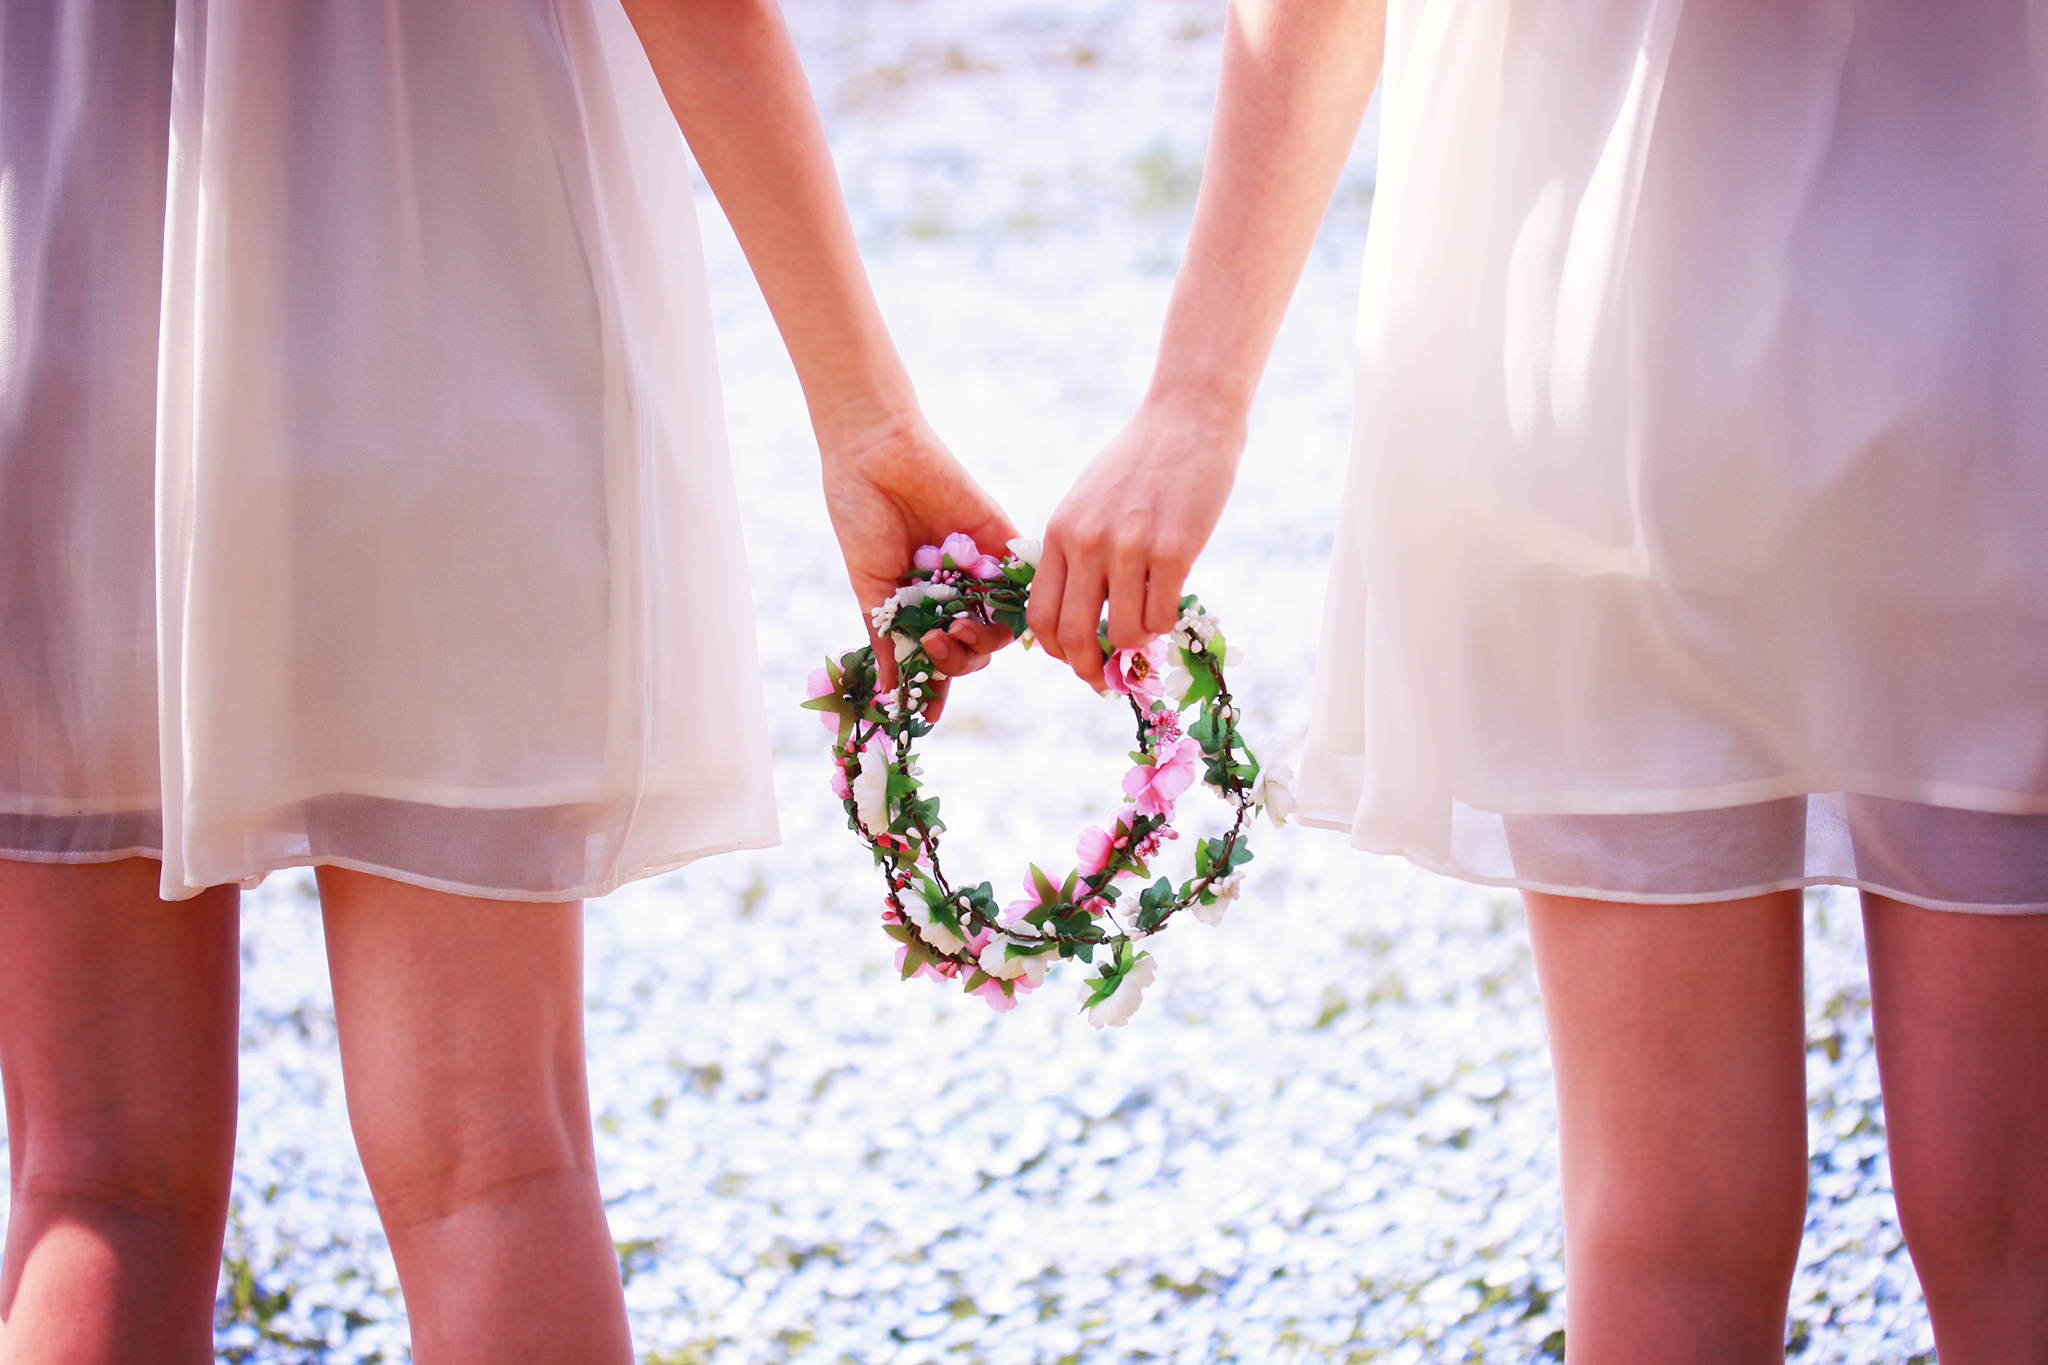 結婚式での姉妹の服装!気をつけたいマナーはある?